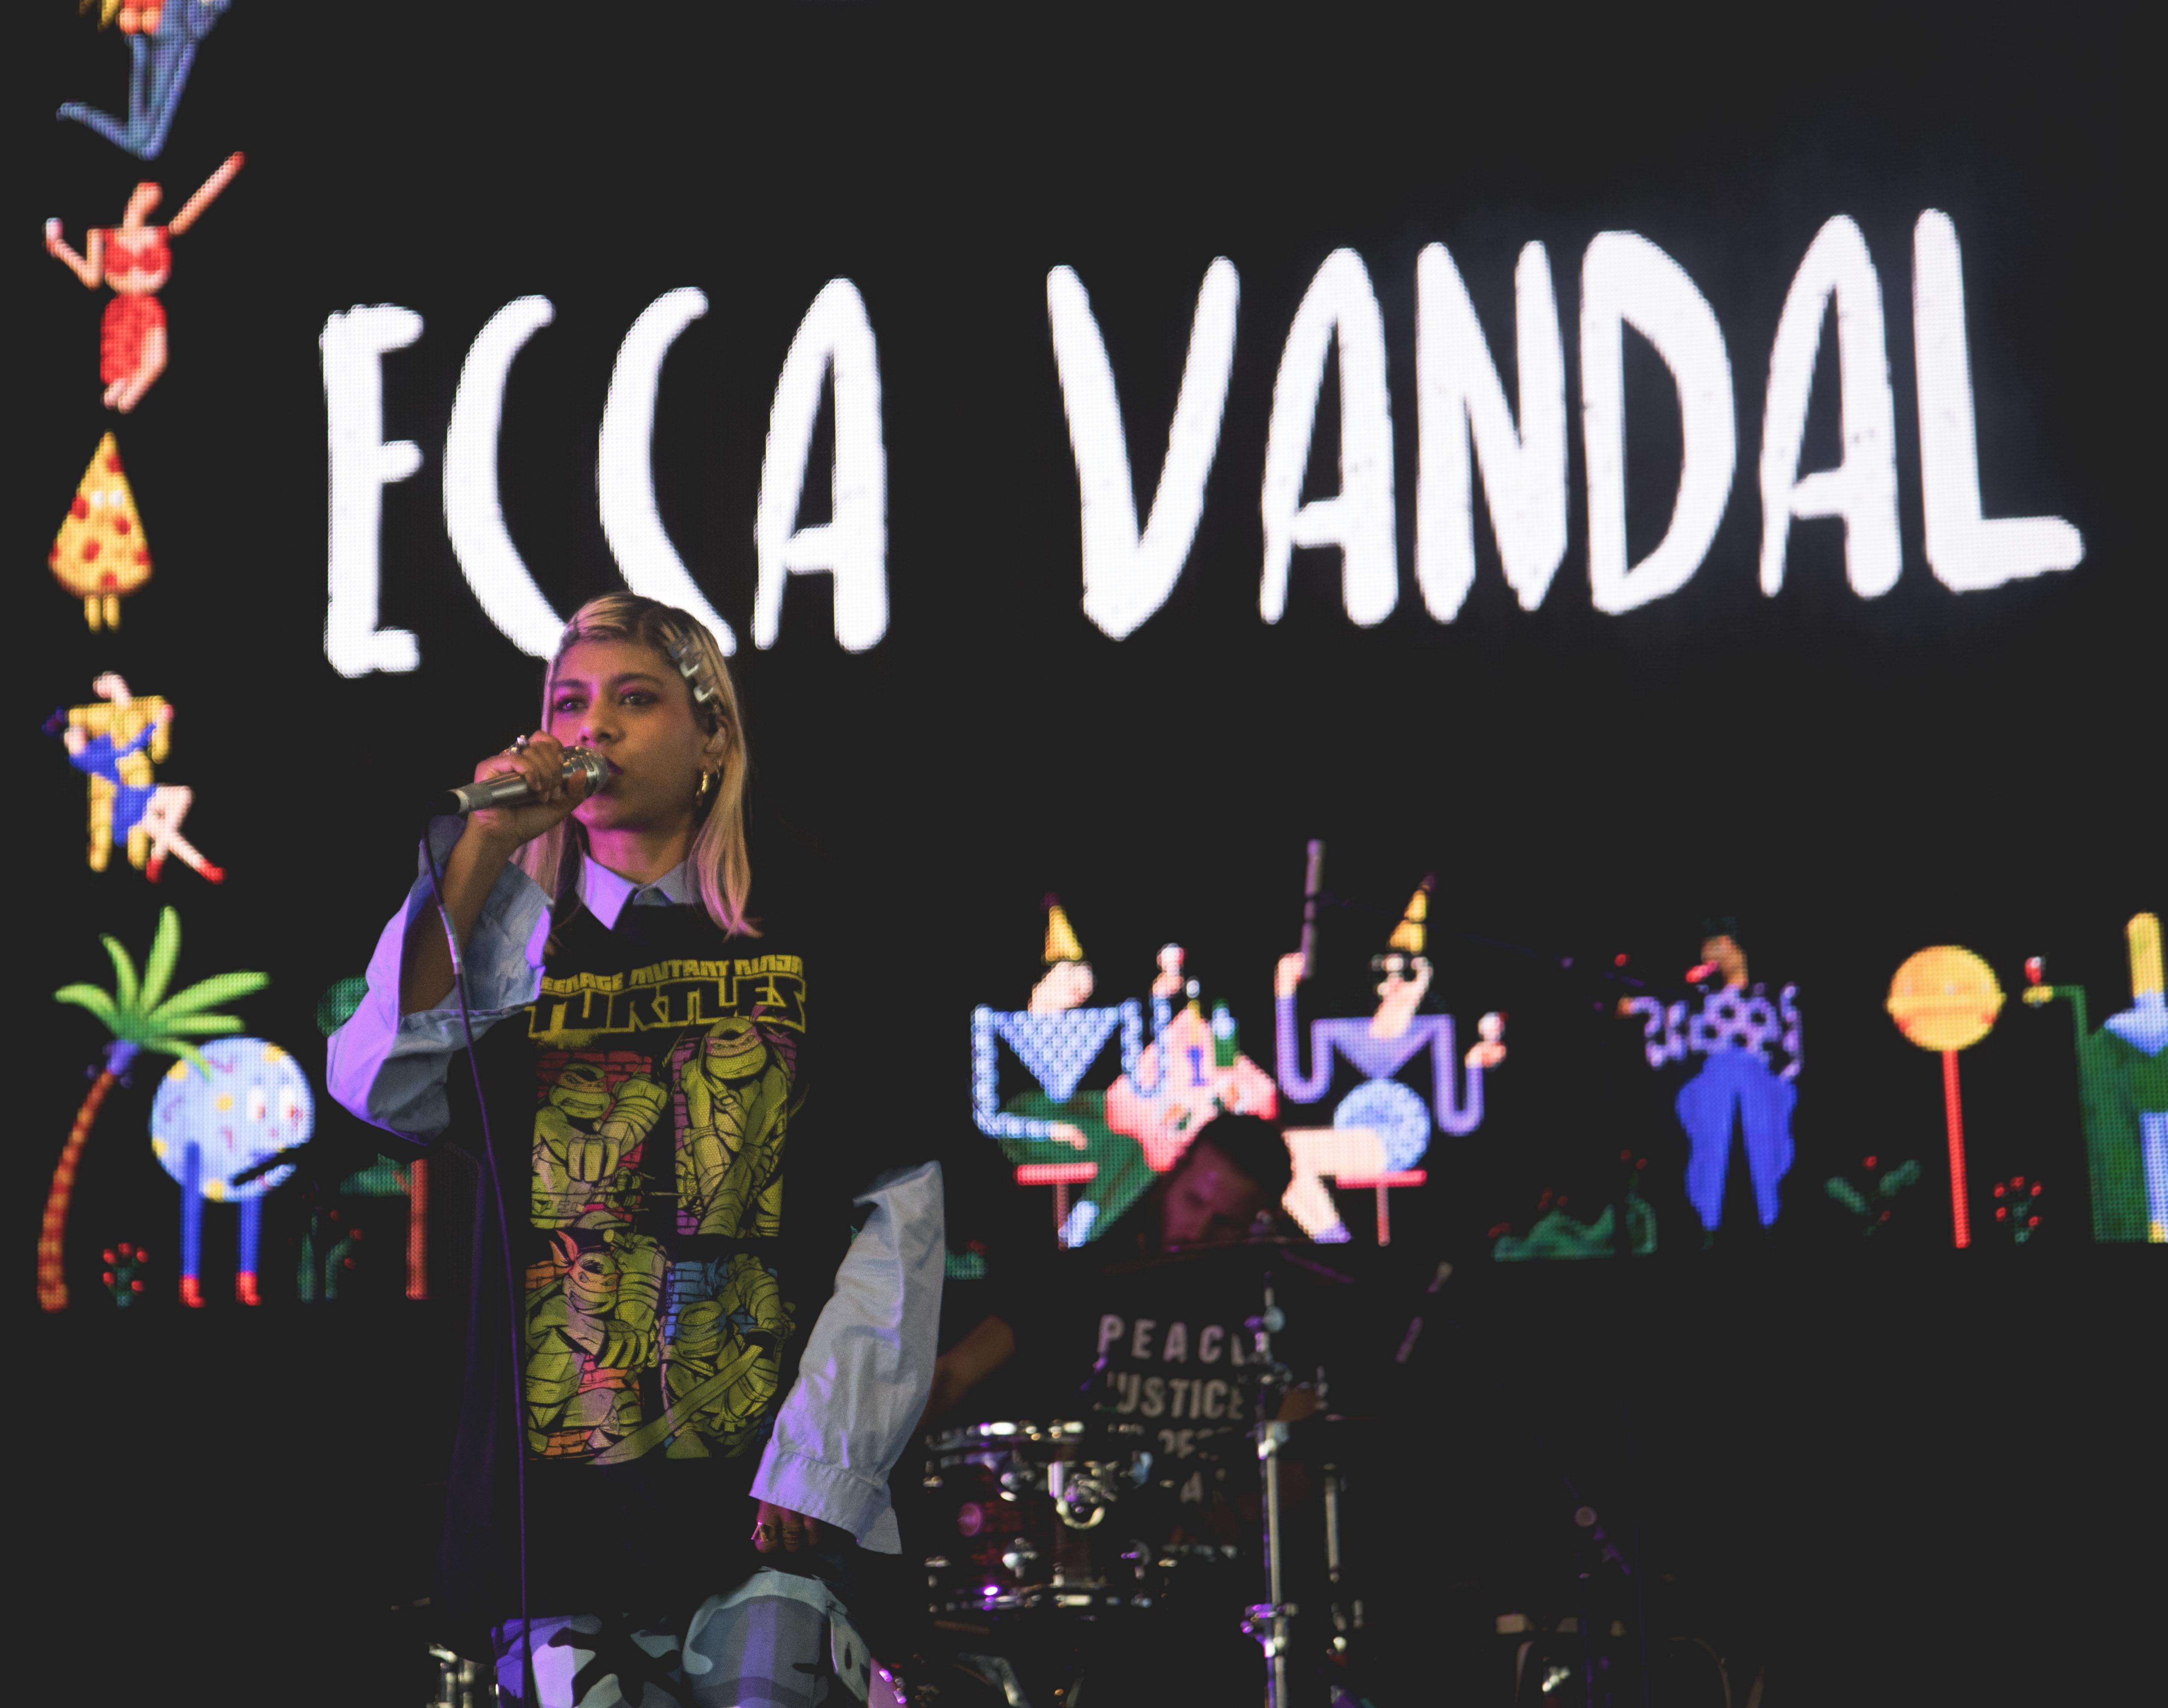 Ecca Vandal